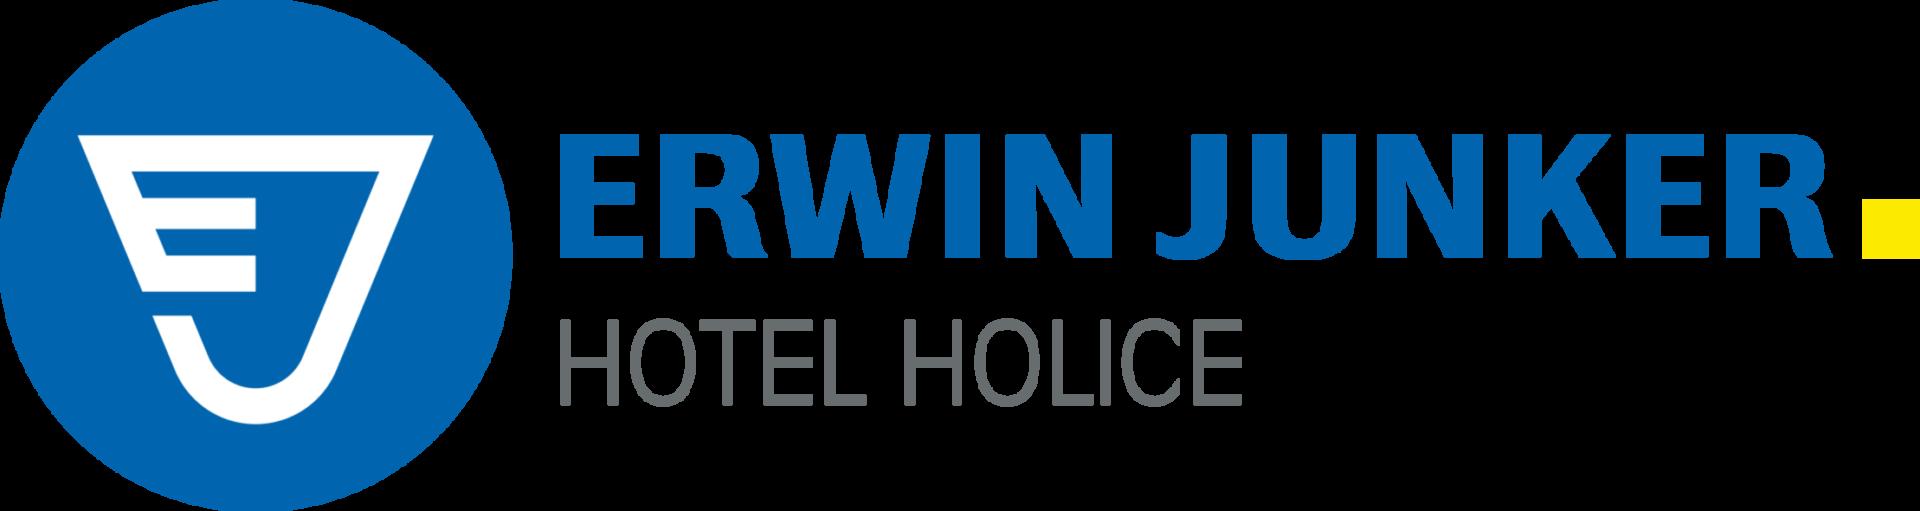 Hotel Erwin Junker